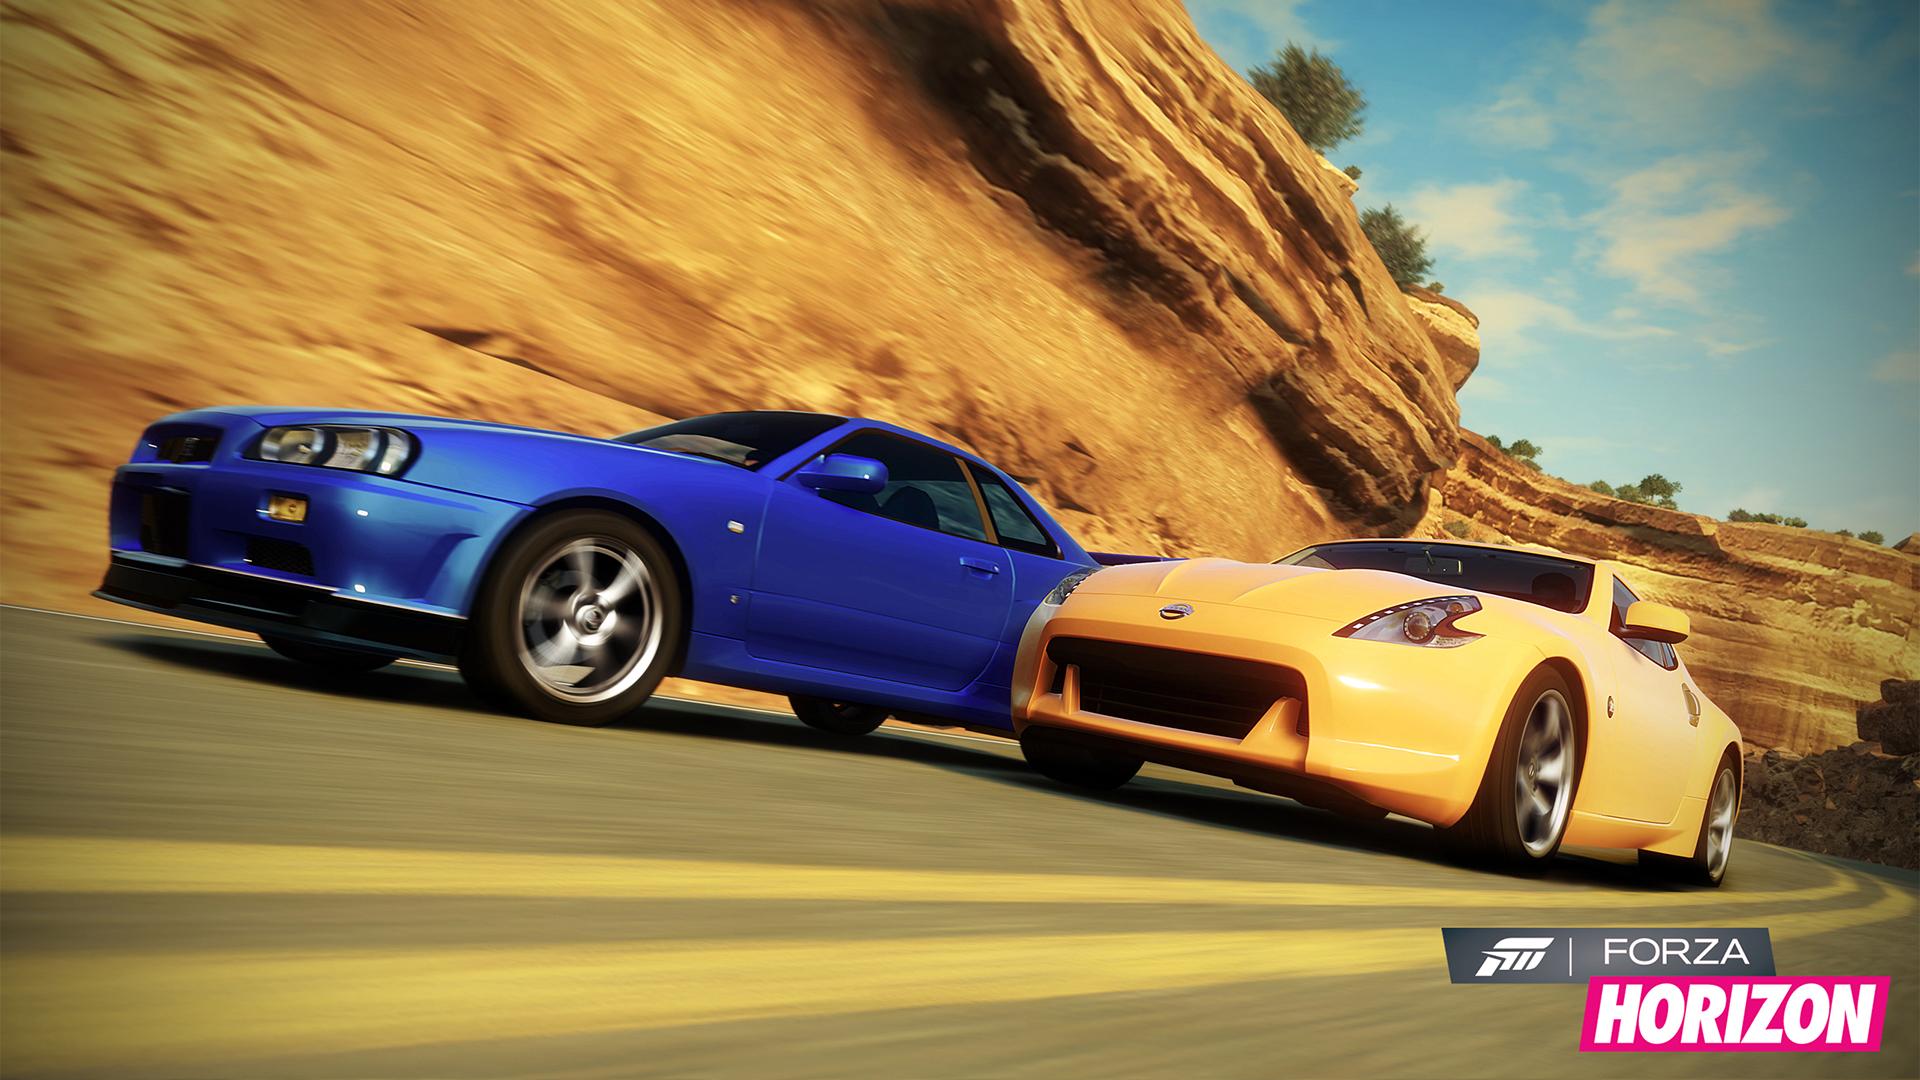 E3_ForzaHorizon_PressKit_08_8465254.jpg